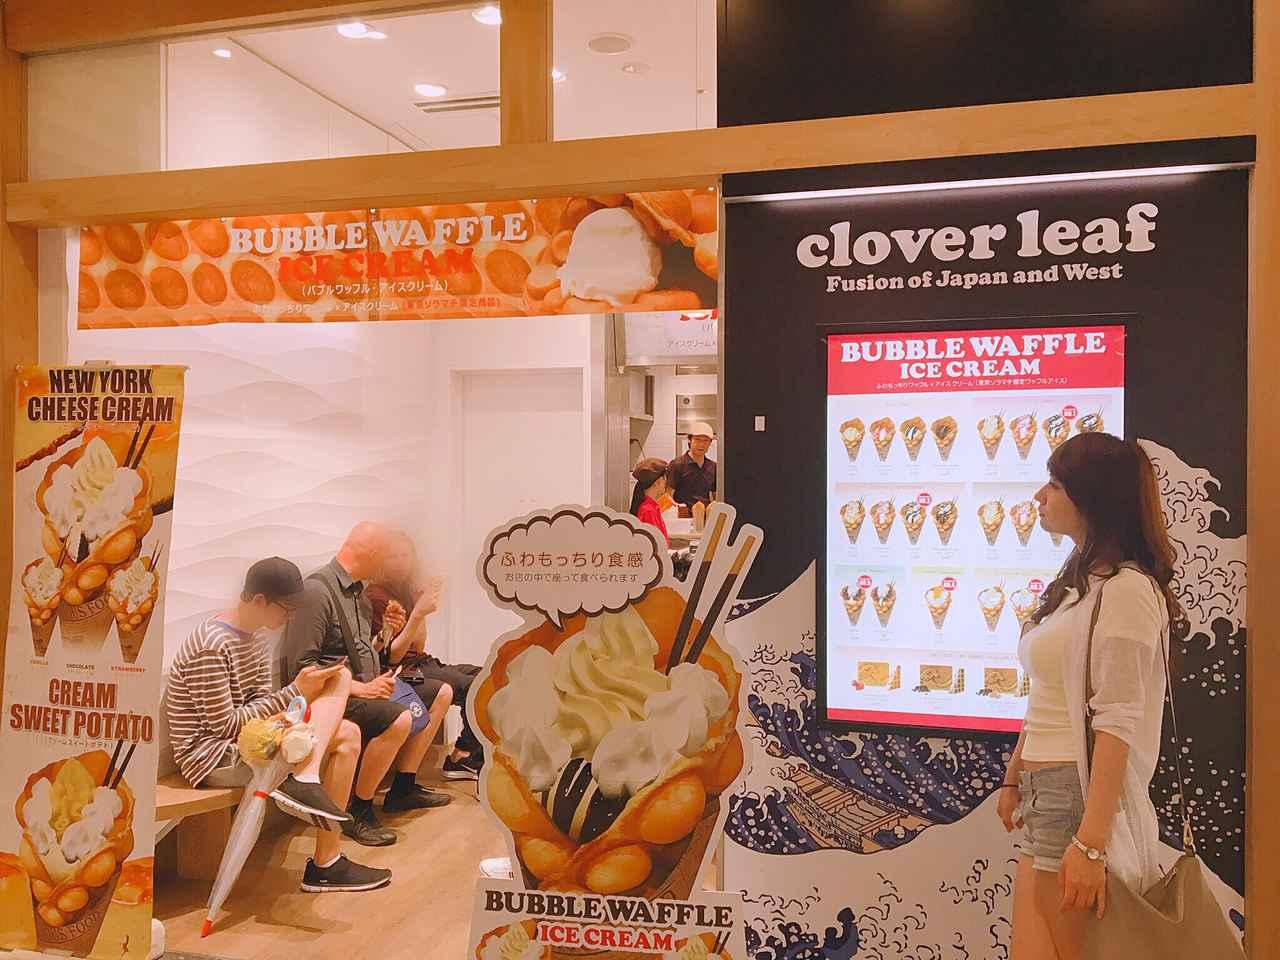 画像5: 東京ソラマチで食べ歩き♡ミク様オススメグルメをご紹介!!【水曜日のミク様番外編】